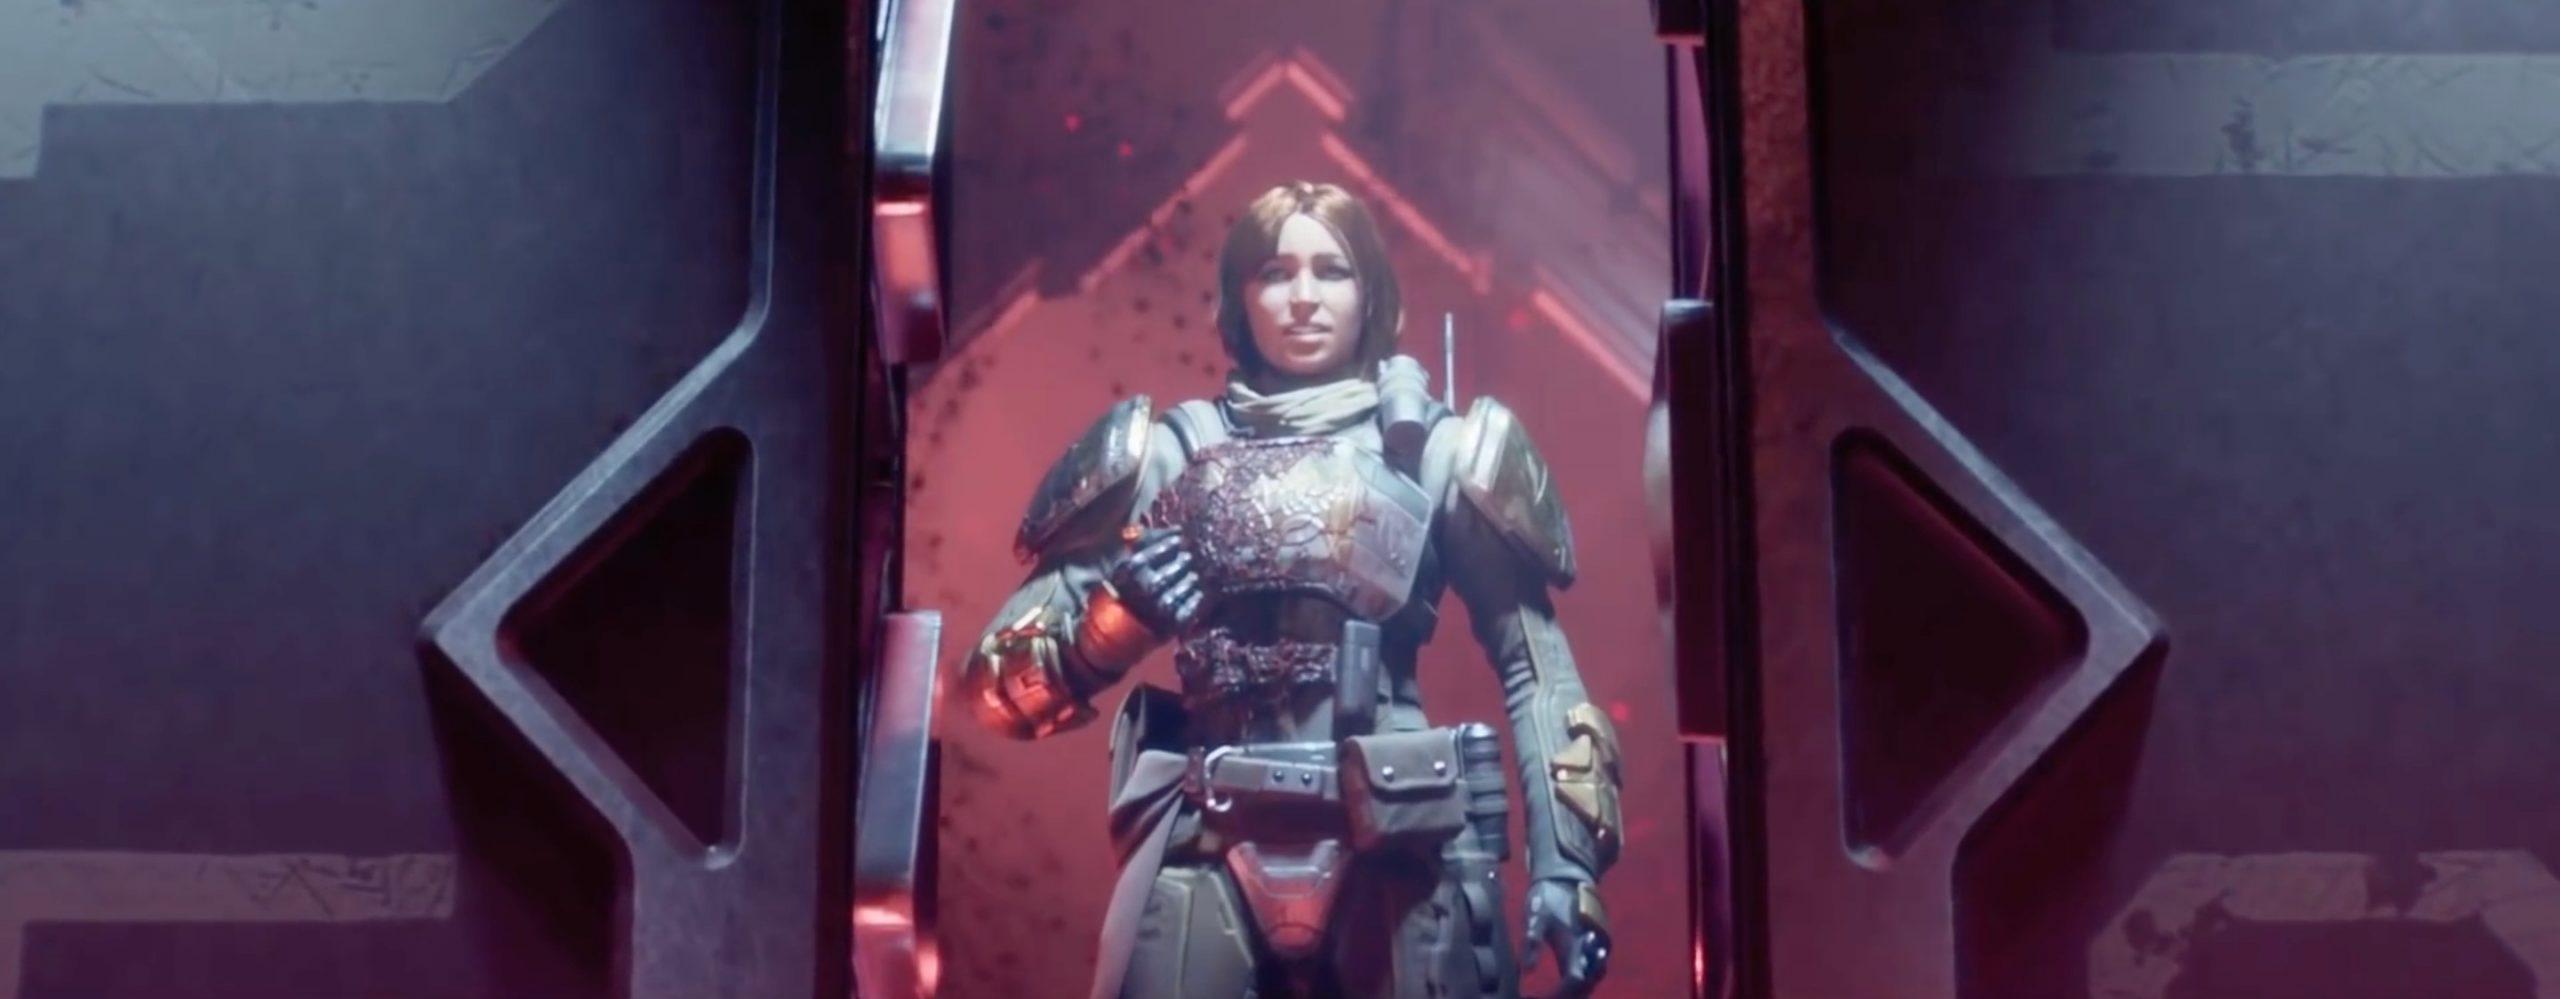 Destiny 2 entsteht jetzt von zu Hause – Bungie macht Studios dicht wegen Corona